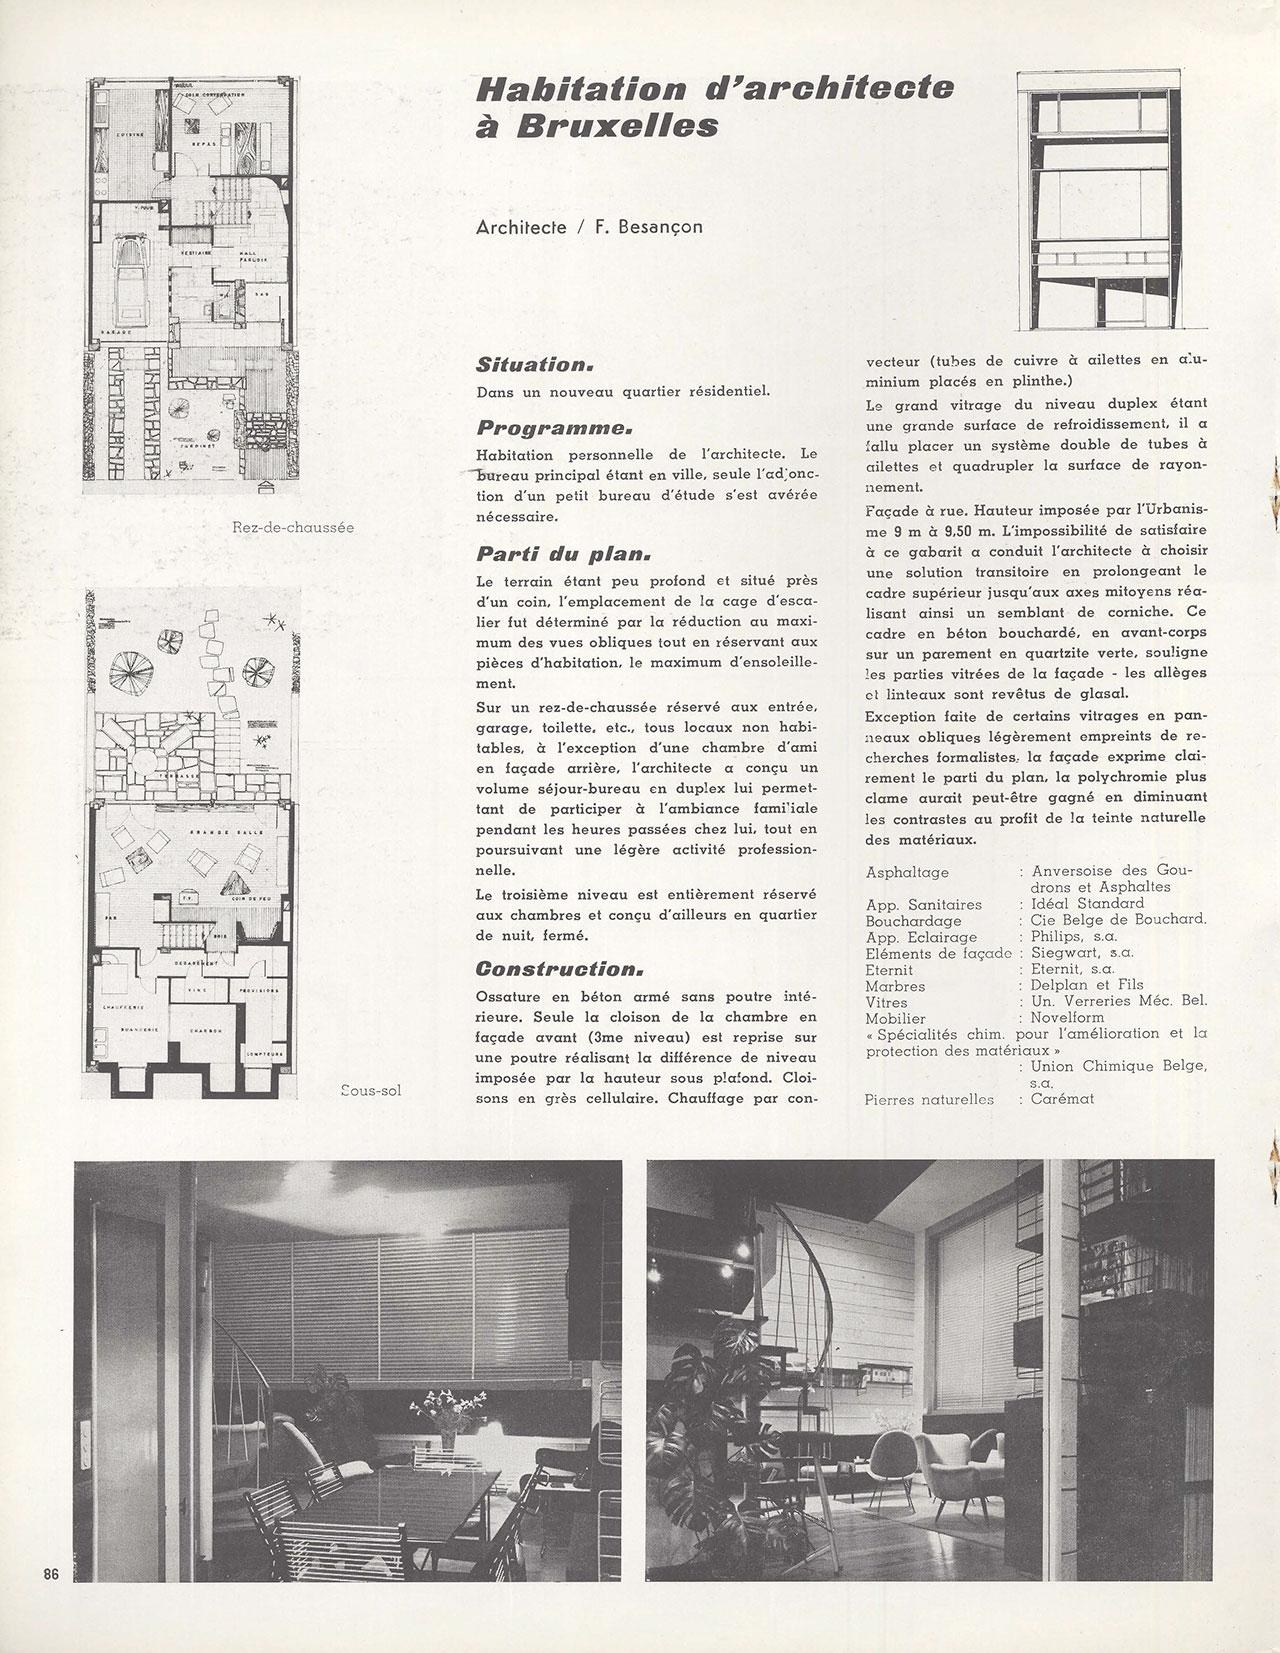 Habitation d'architecte à Bruxelles